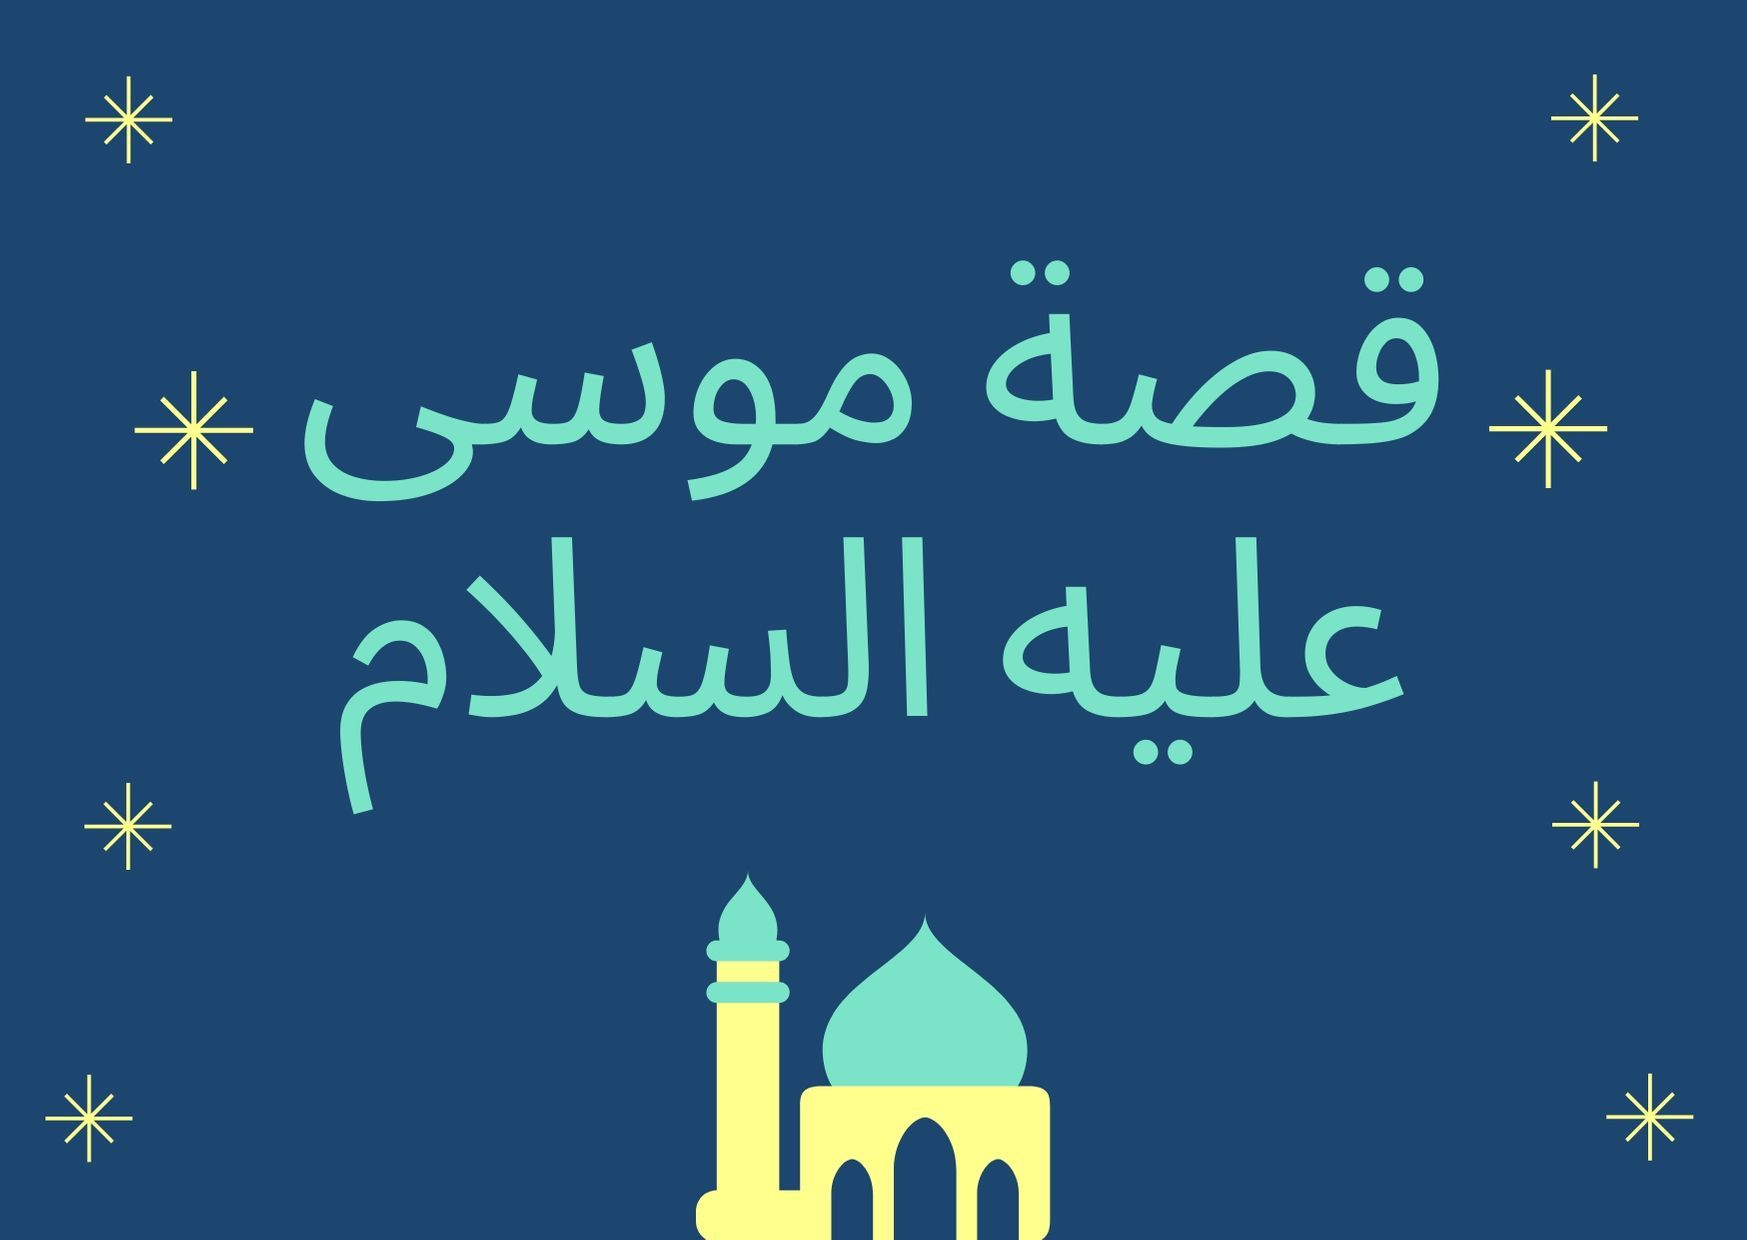 من قصة سيدنا موسى عليه السلام الا تنتظر الثناء الحسن من الناس Blog Posts Blog Home Decor Decals